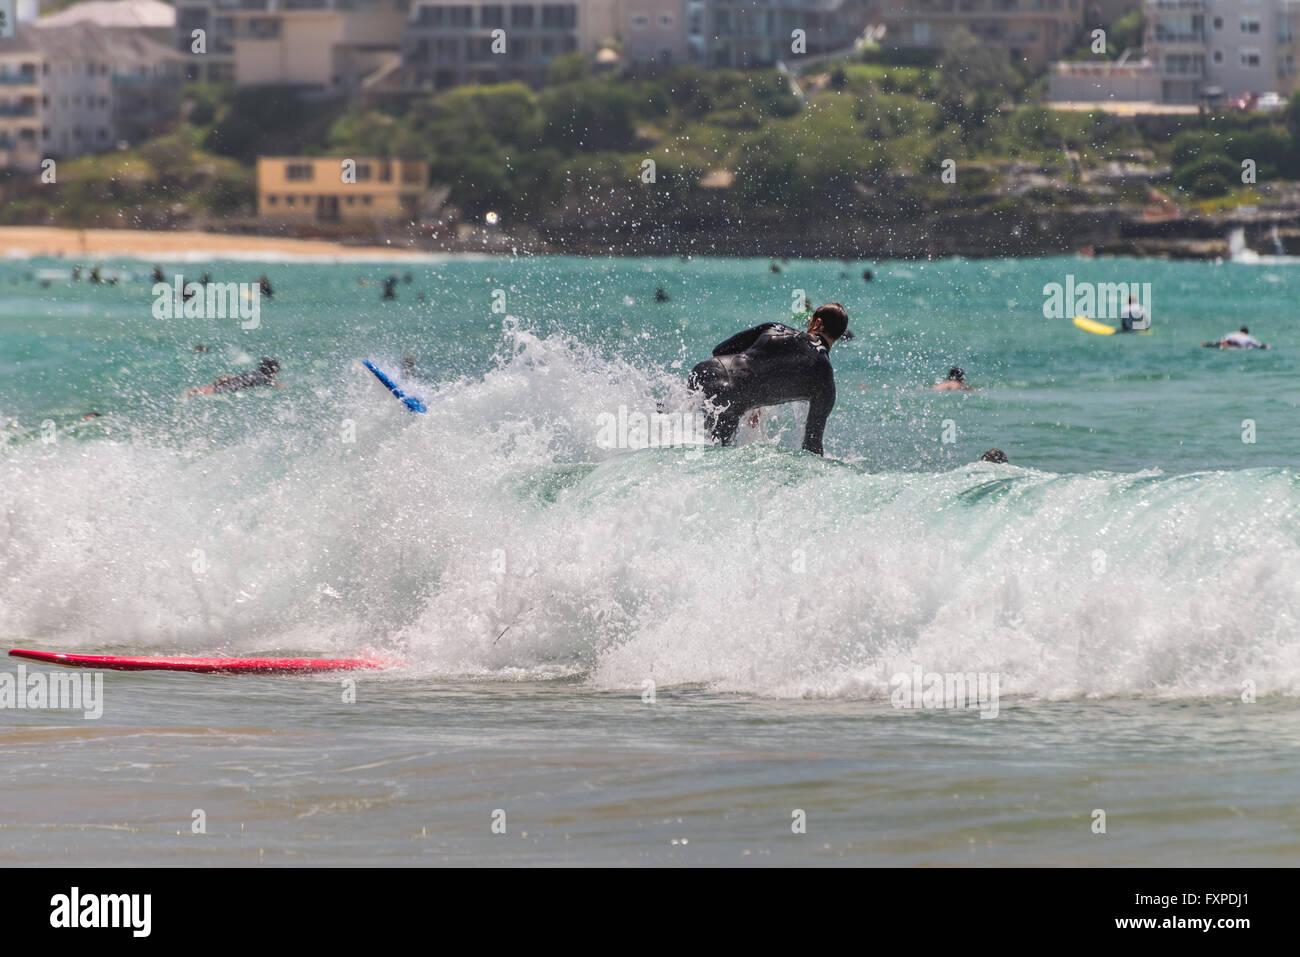 Giovani surfer sull'onda contro molti altri surfisti. A sette miglia dal centro di Sydney, Immagini Stock